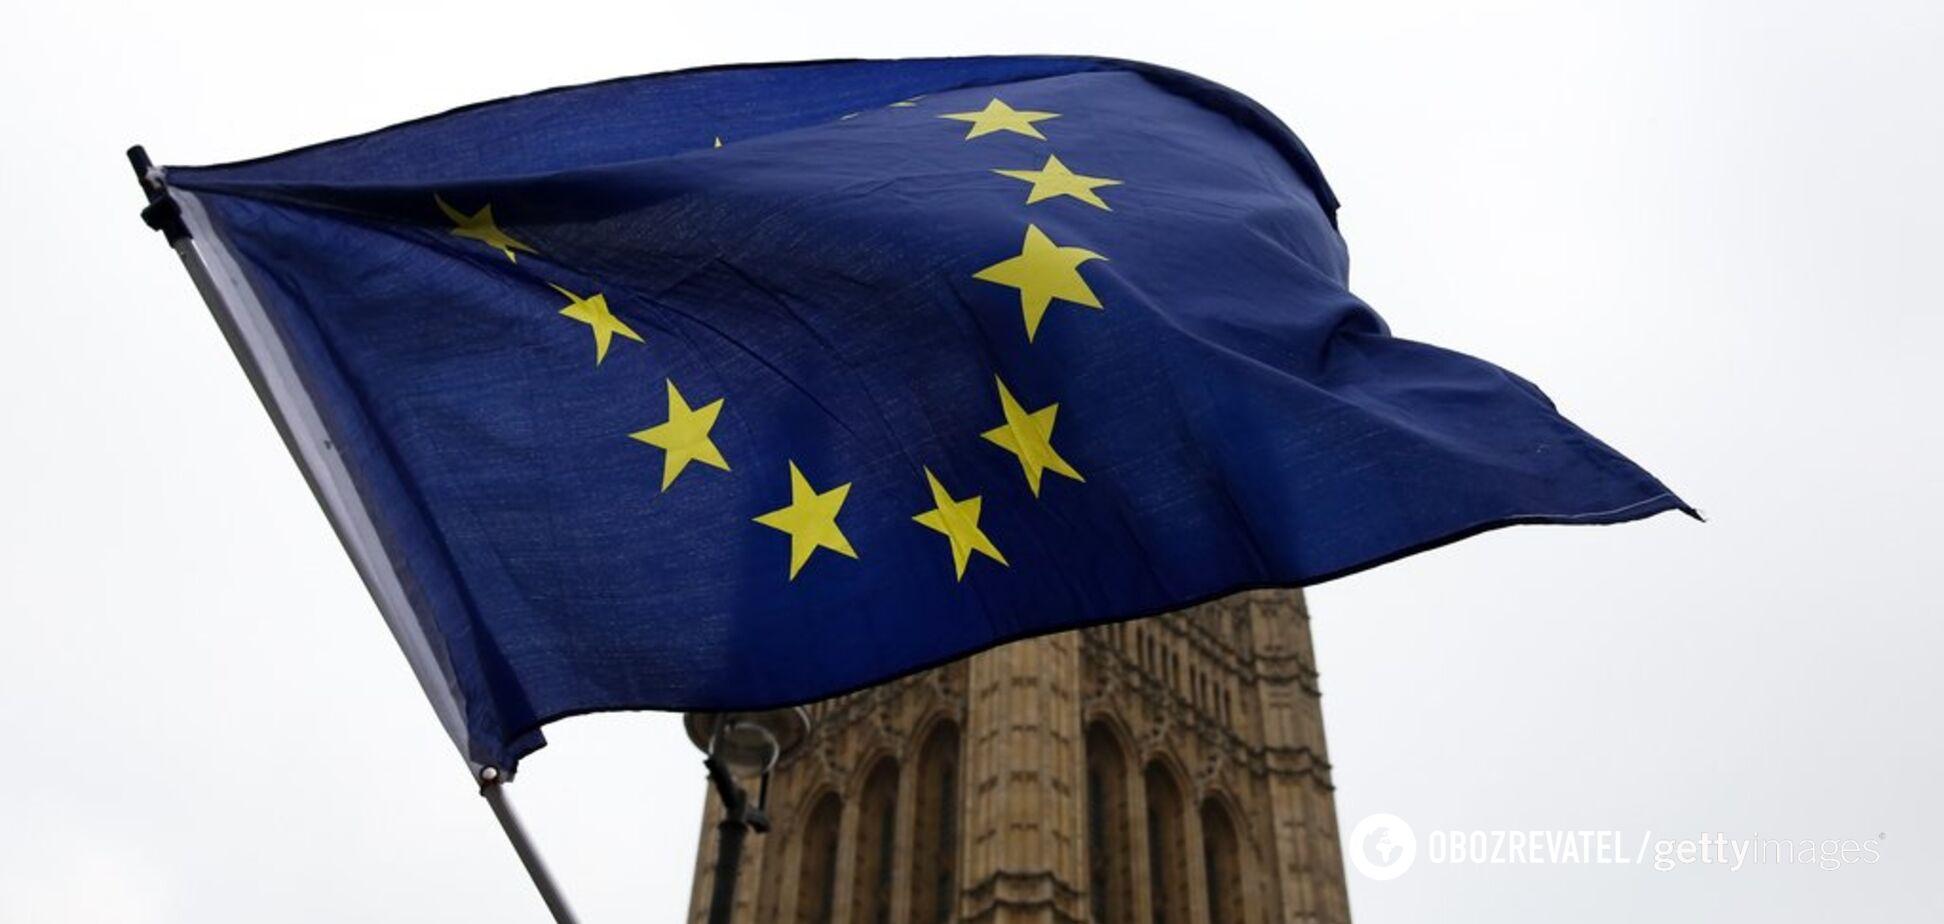 Що там Brexit? Британія зробила ще один крок назад щодо виходу з ЄС